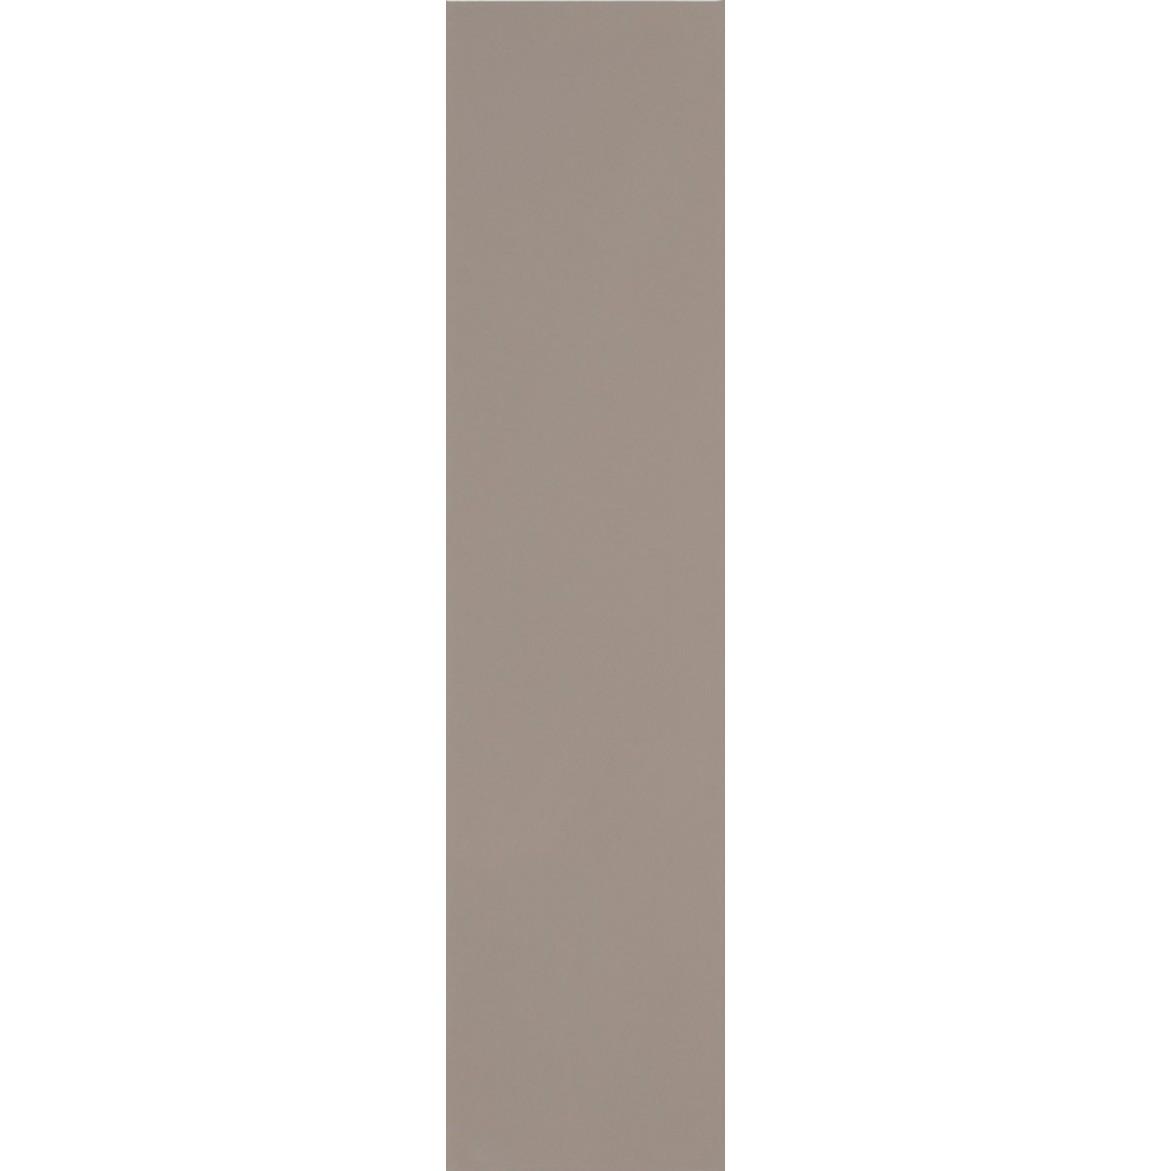 Revestimento Tipo A 10x40 cm Brilhante Bold Krea Safari - Portobello